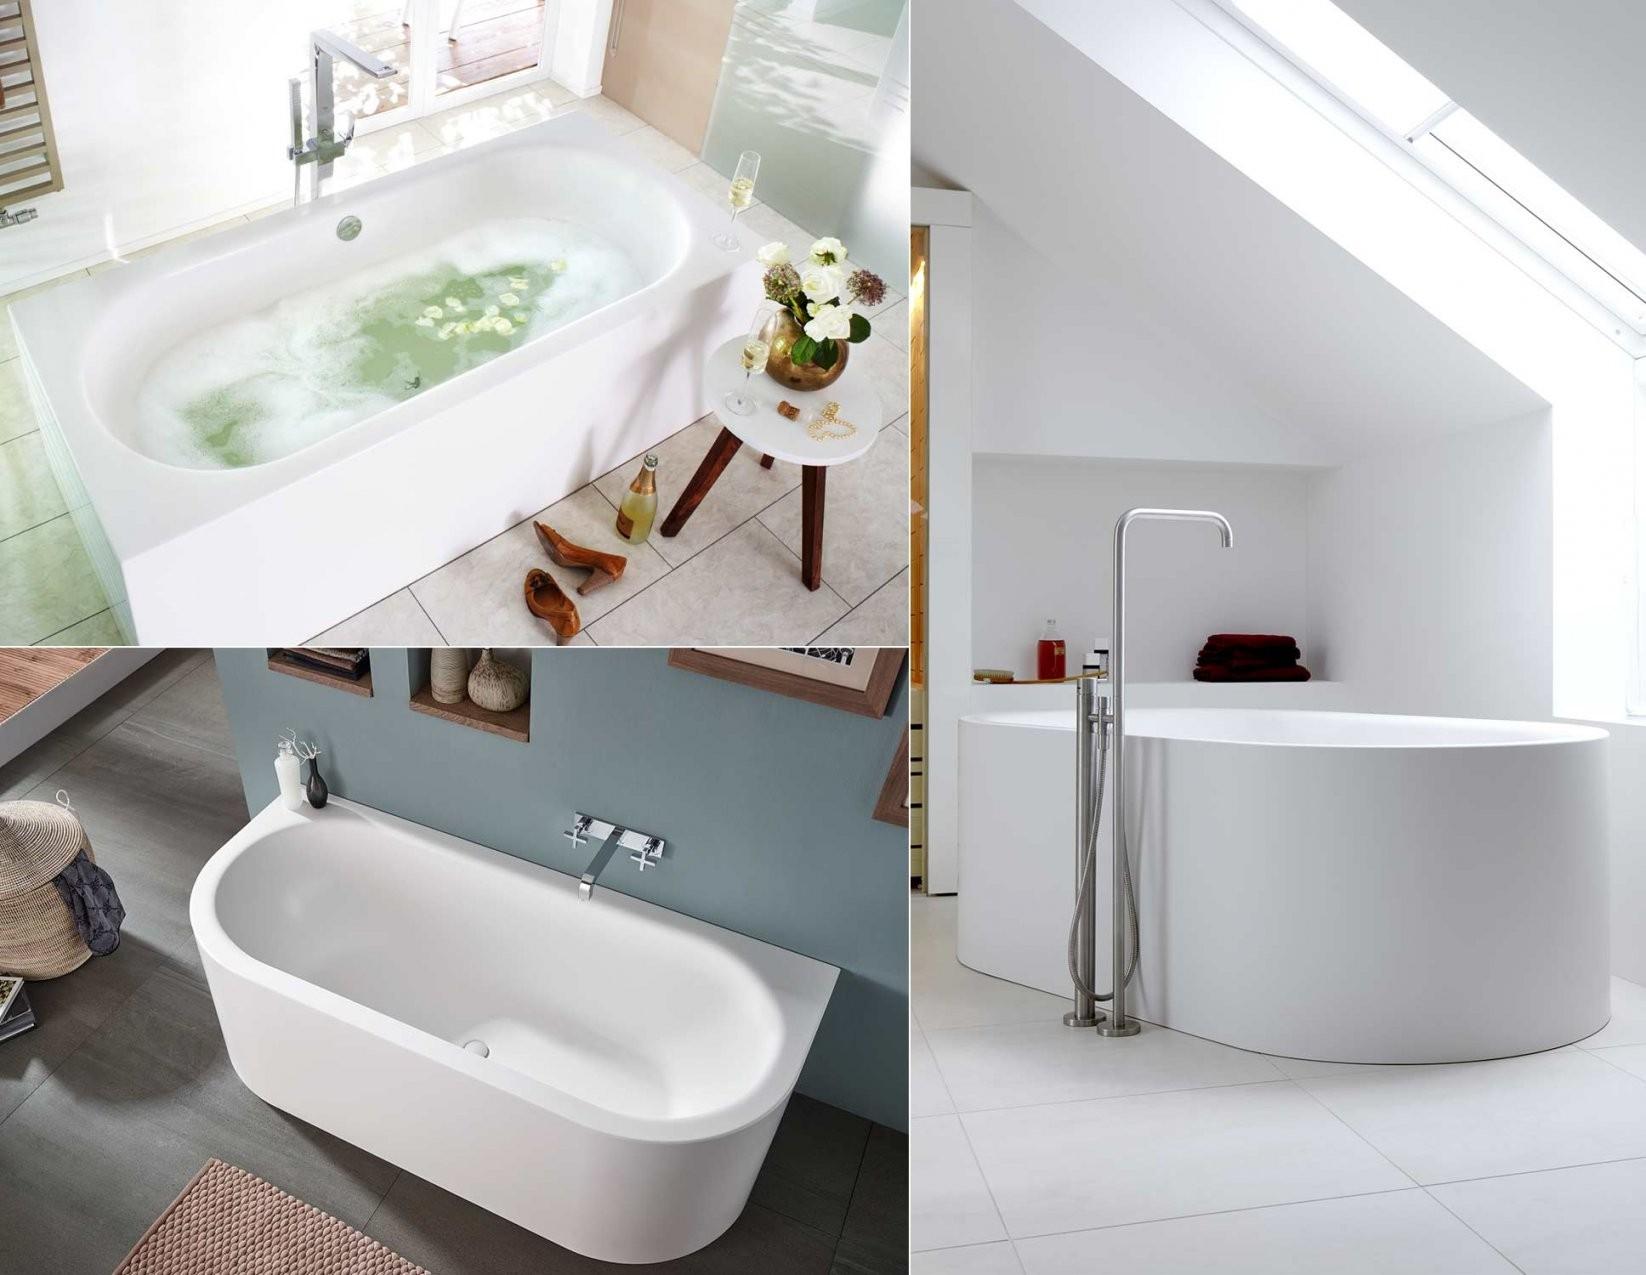 ③ Ideen Für Freistehende Badewanne An Der Wand Von Mauersberger von Halb Freistehende Badewanne Photo